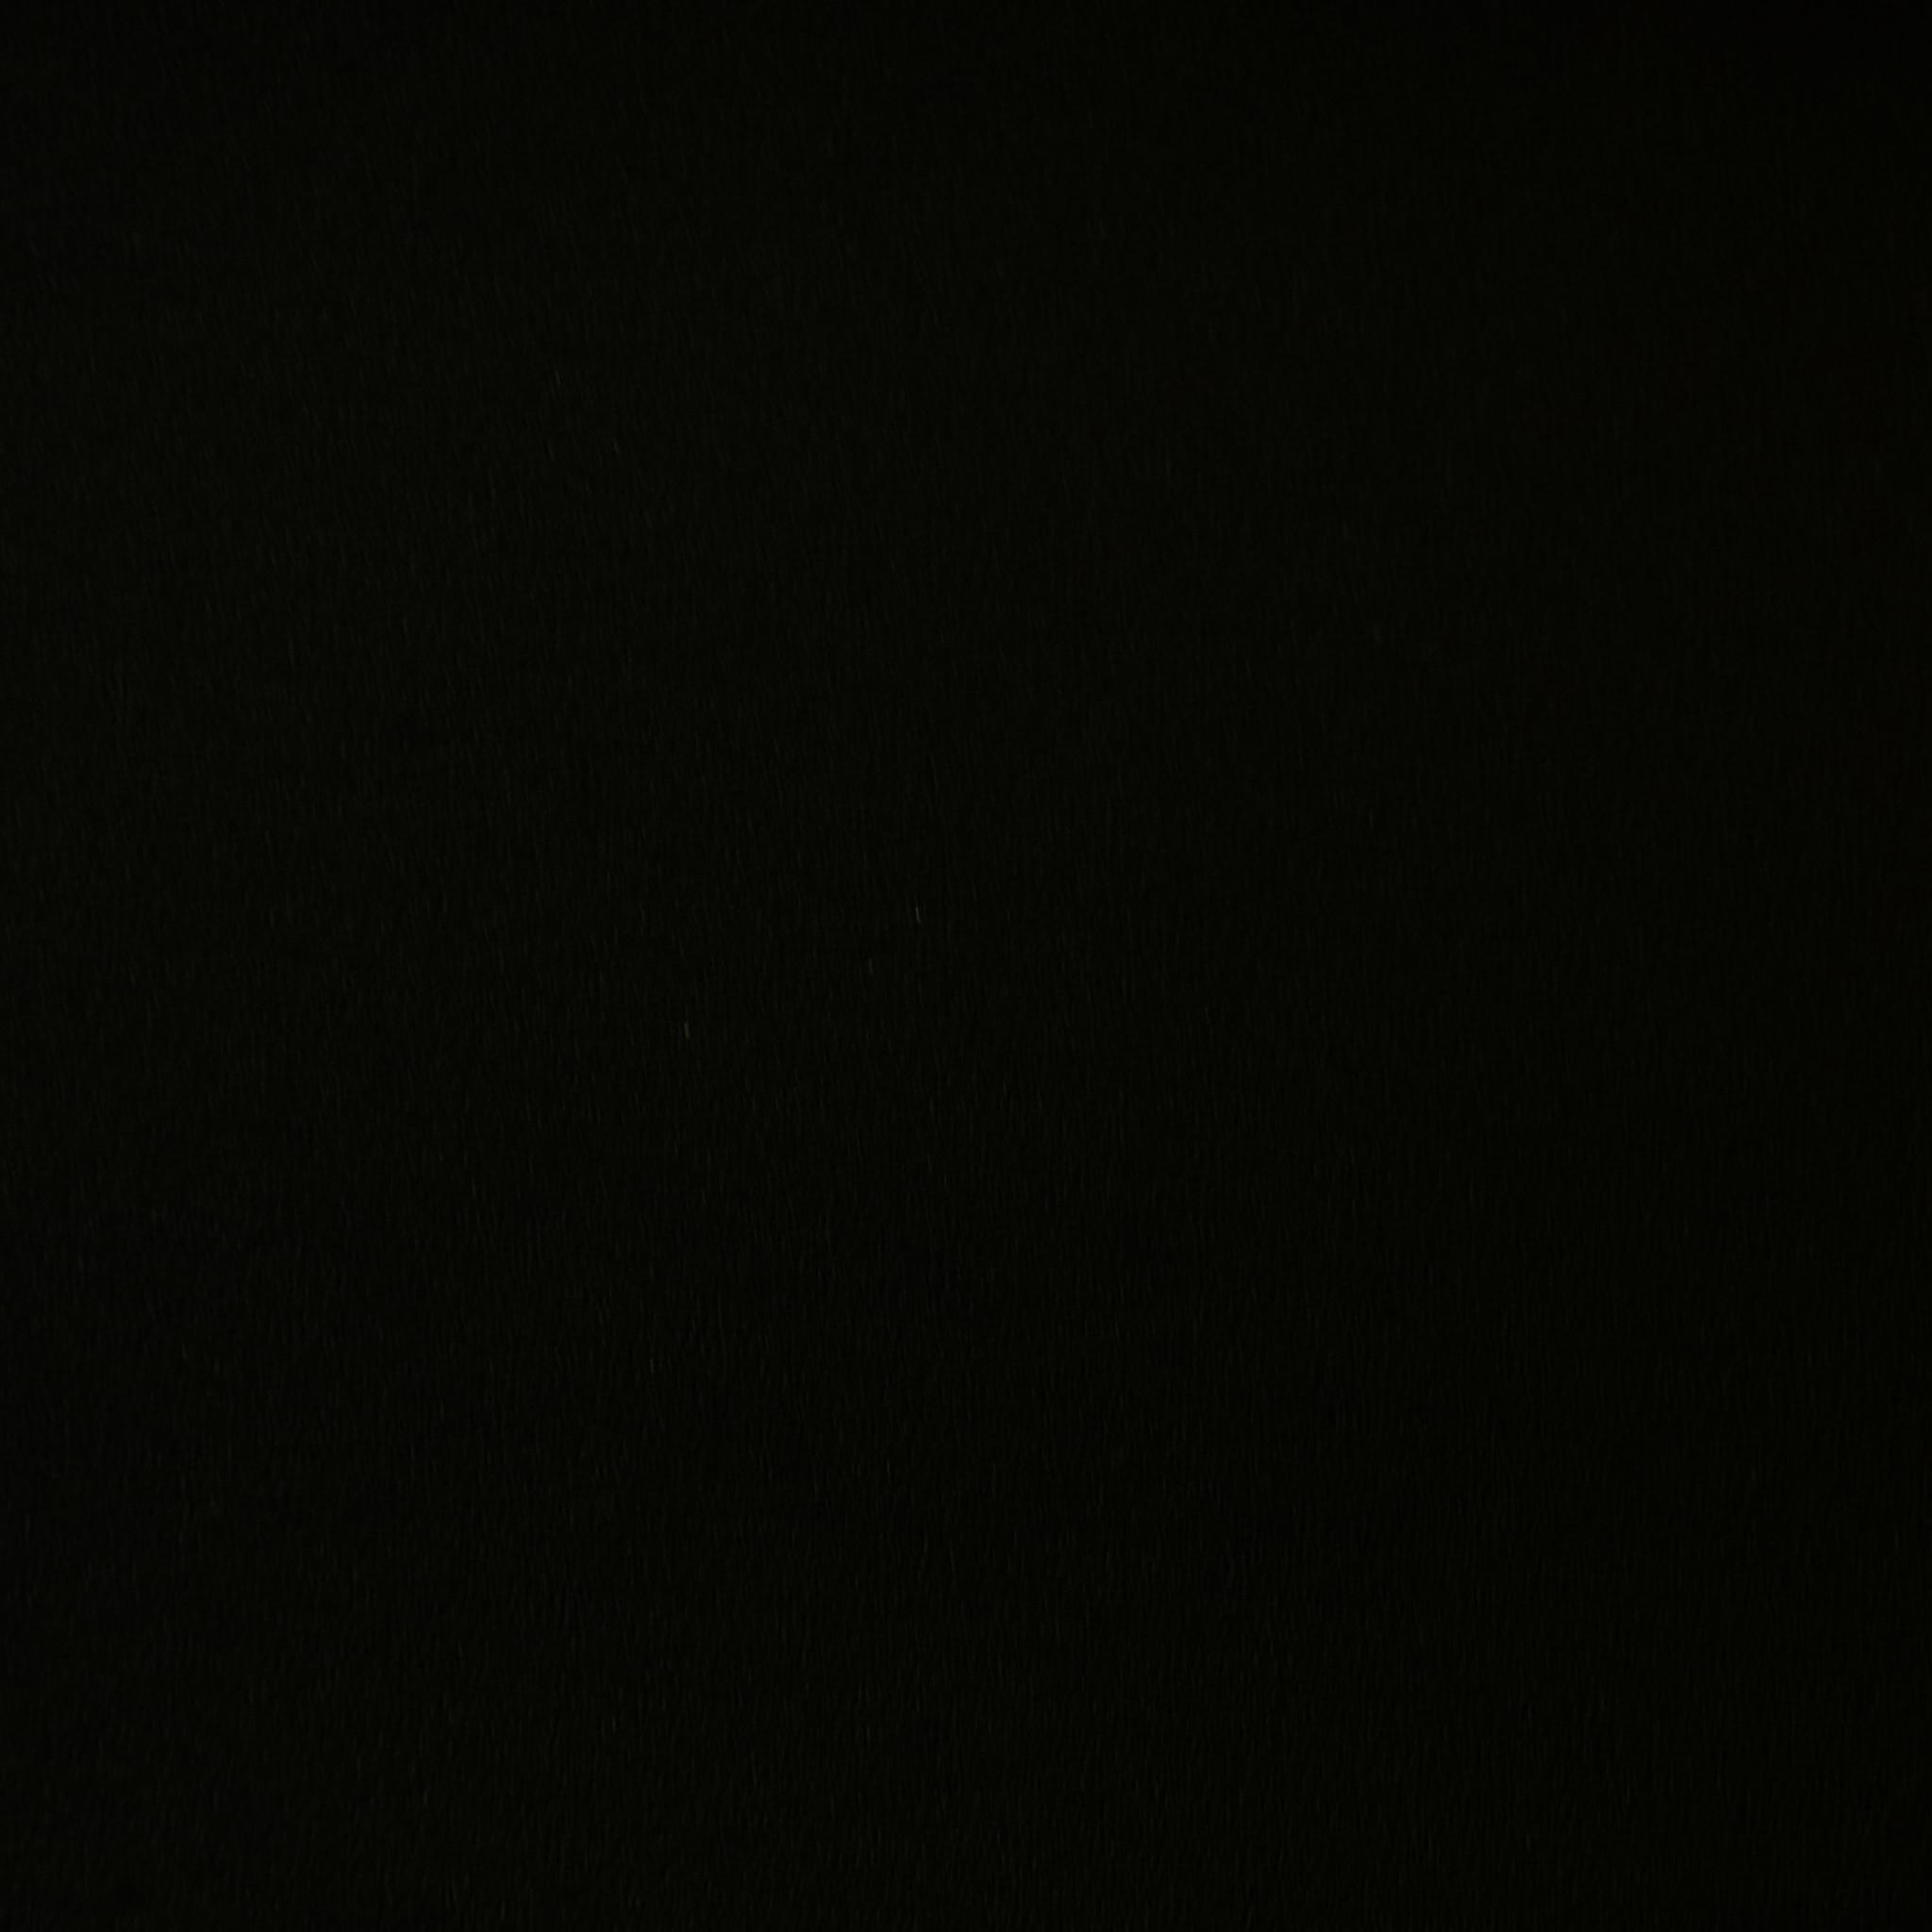 Interior film Rough Dark Black